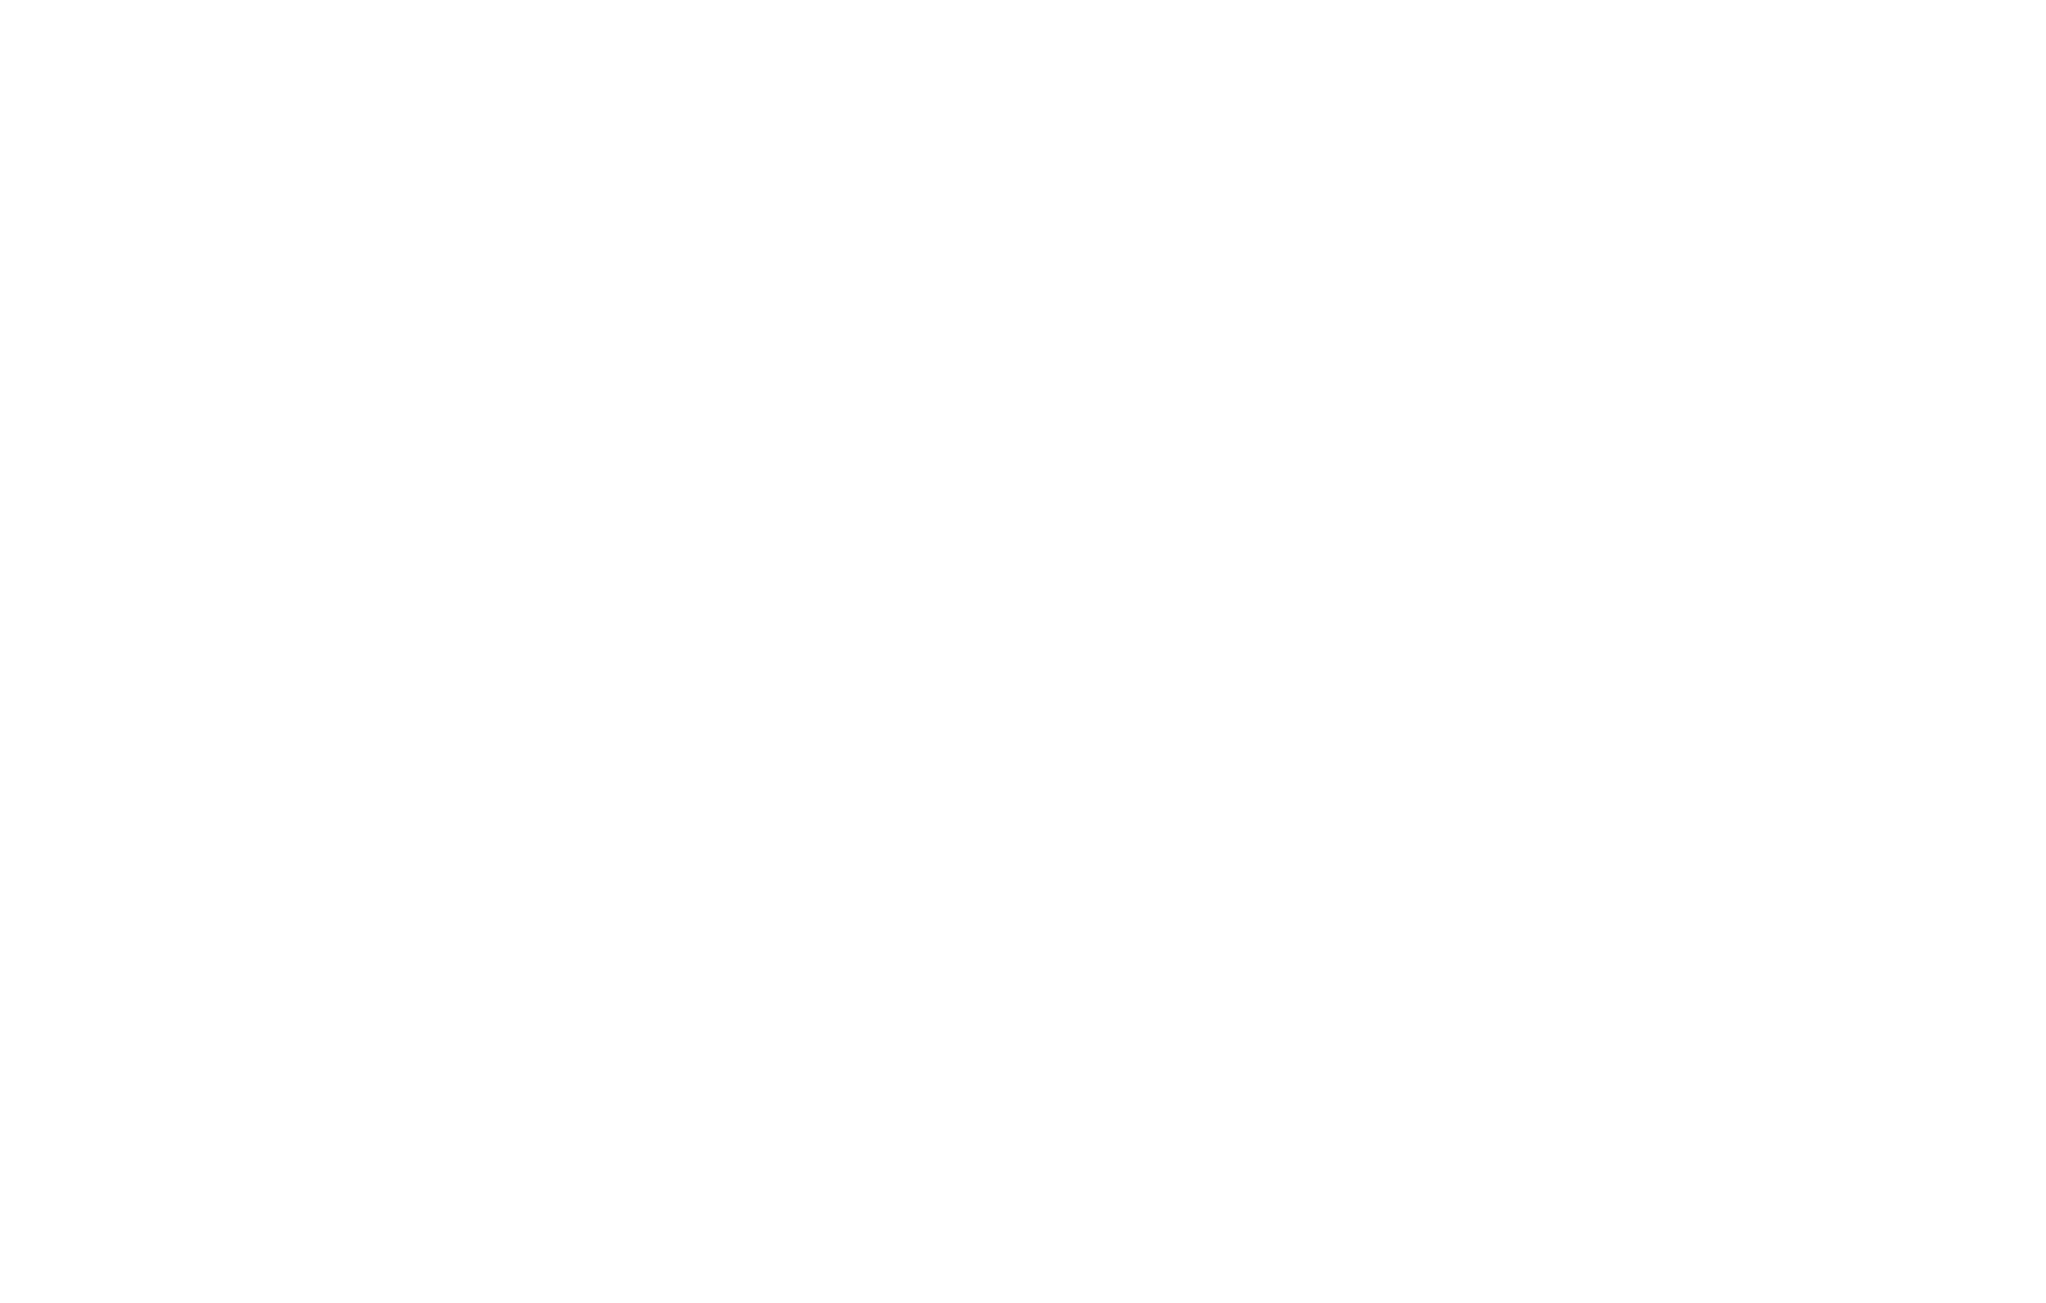 logo hmc - Cursos Intensivos de Natação 2019 [mobile]